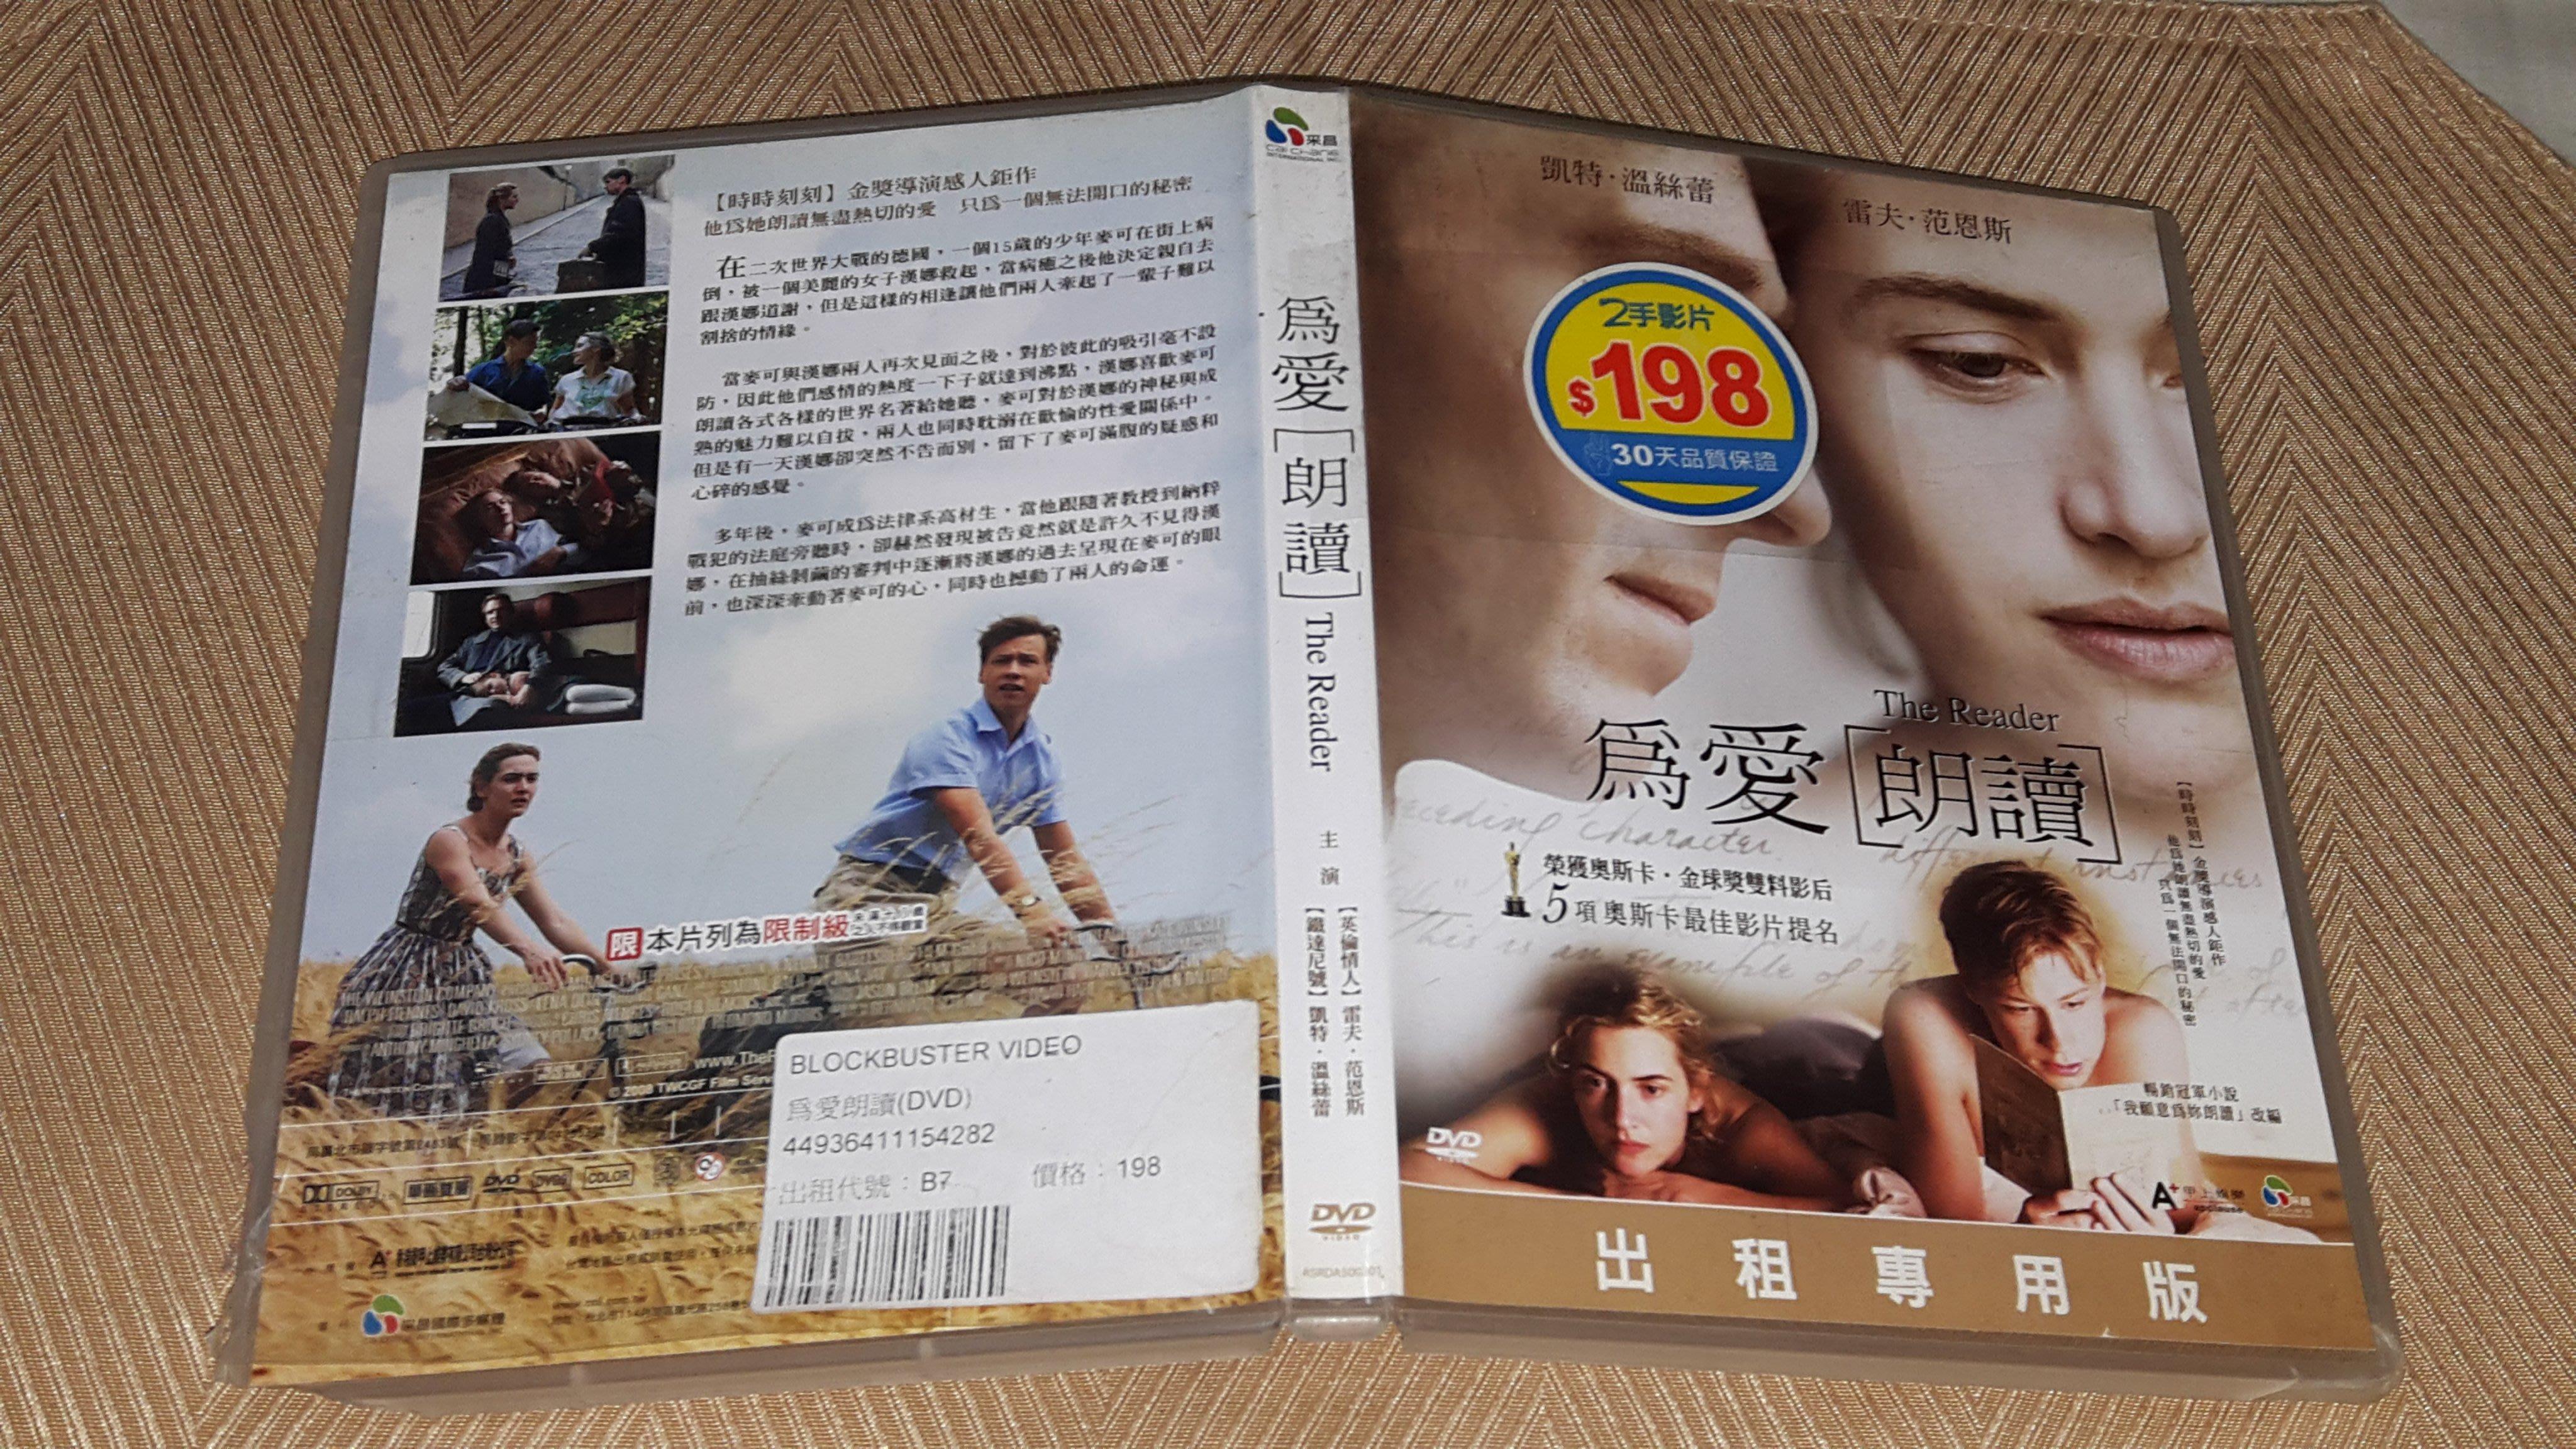 【李歐的二手洋片】奧斯卡最佳女主角 凱特溫絲蕾 外愛朗讀 dvd 下標就賣